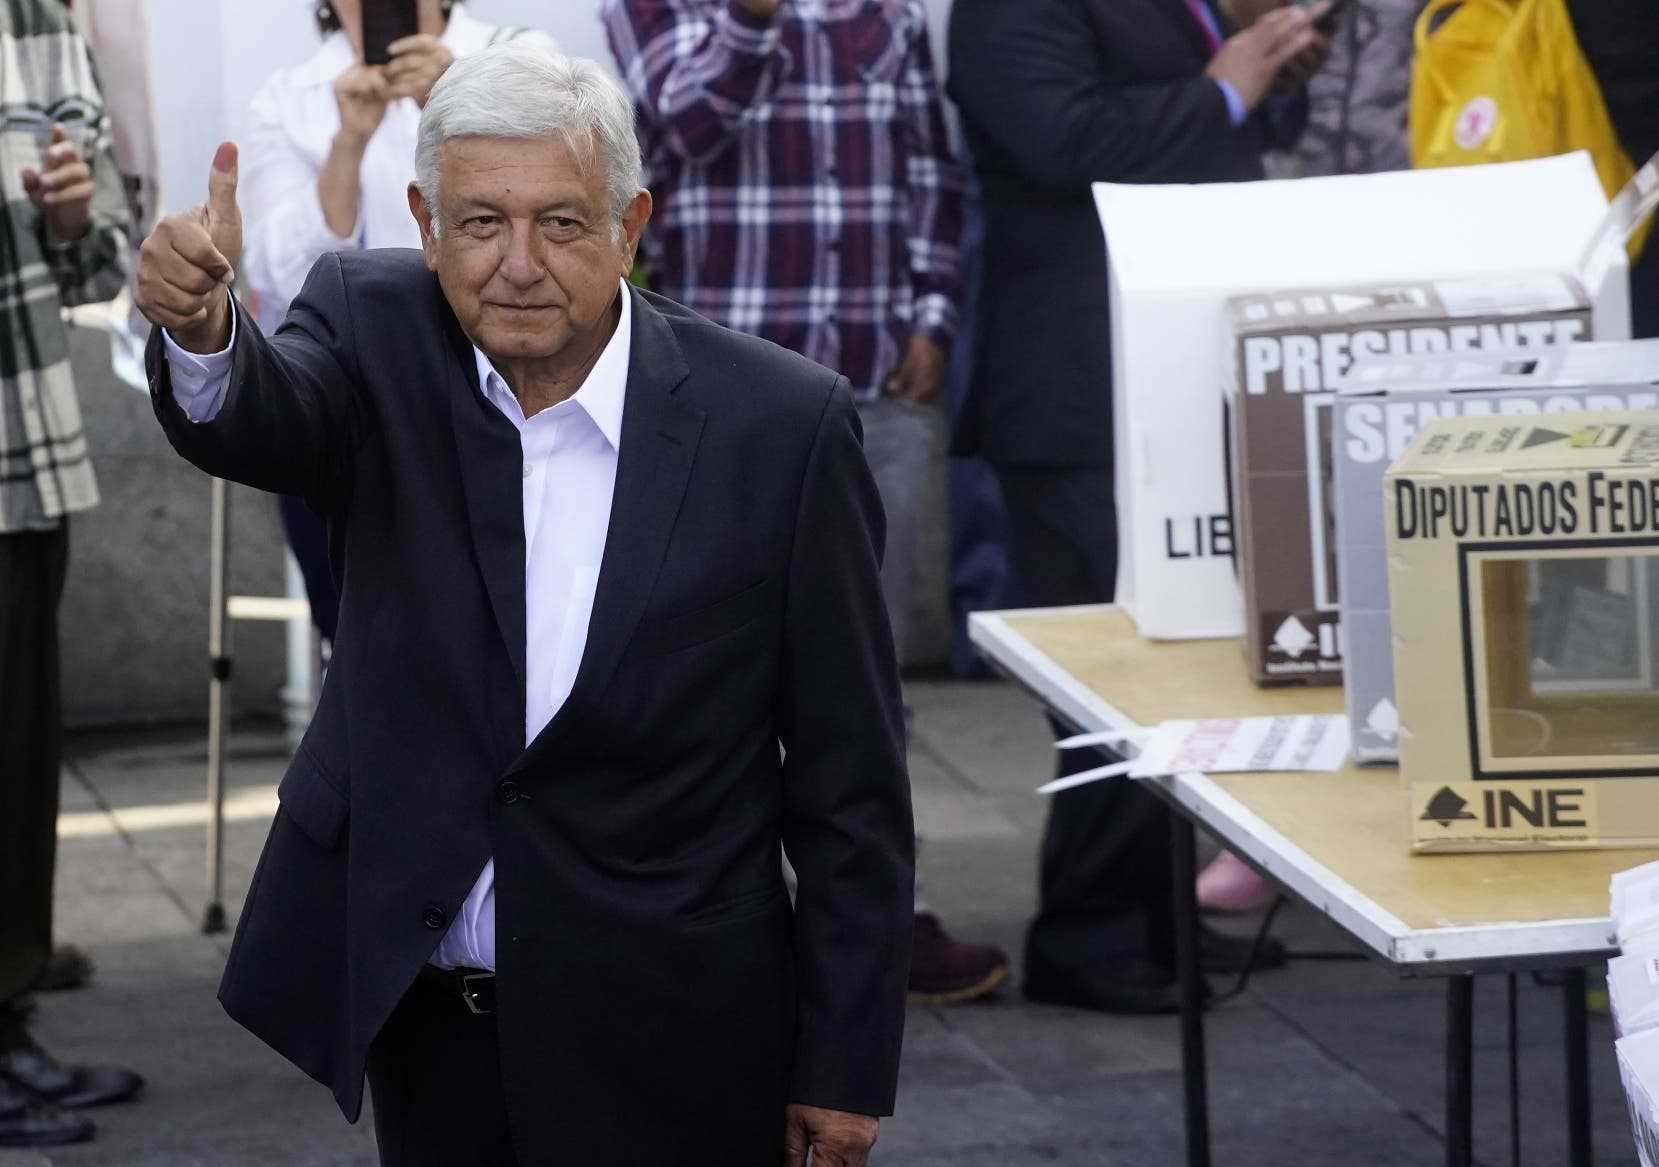 Andrés Manuel López Obrador mientras hacía el deposito de su voto en las elecciones. Foto de archivo.  AP